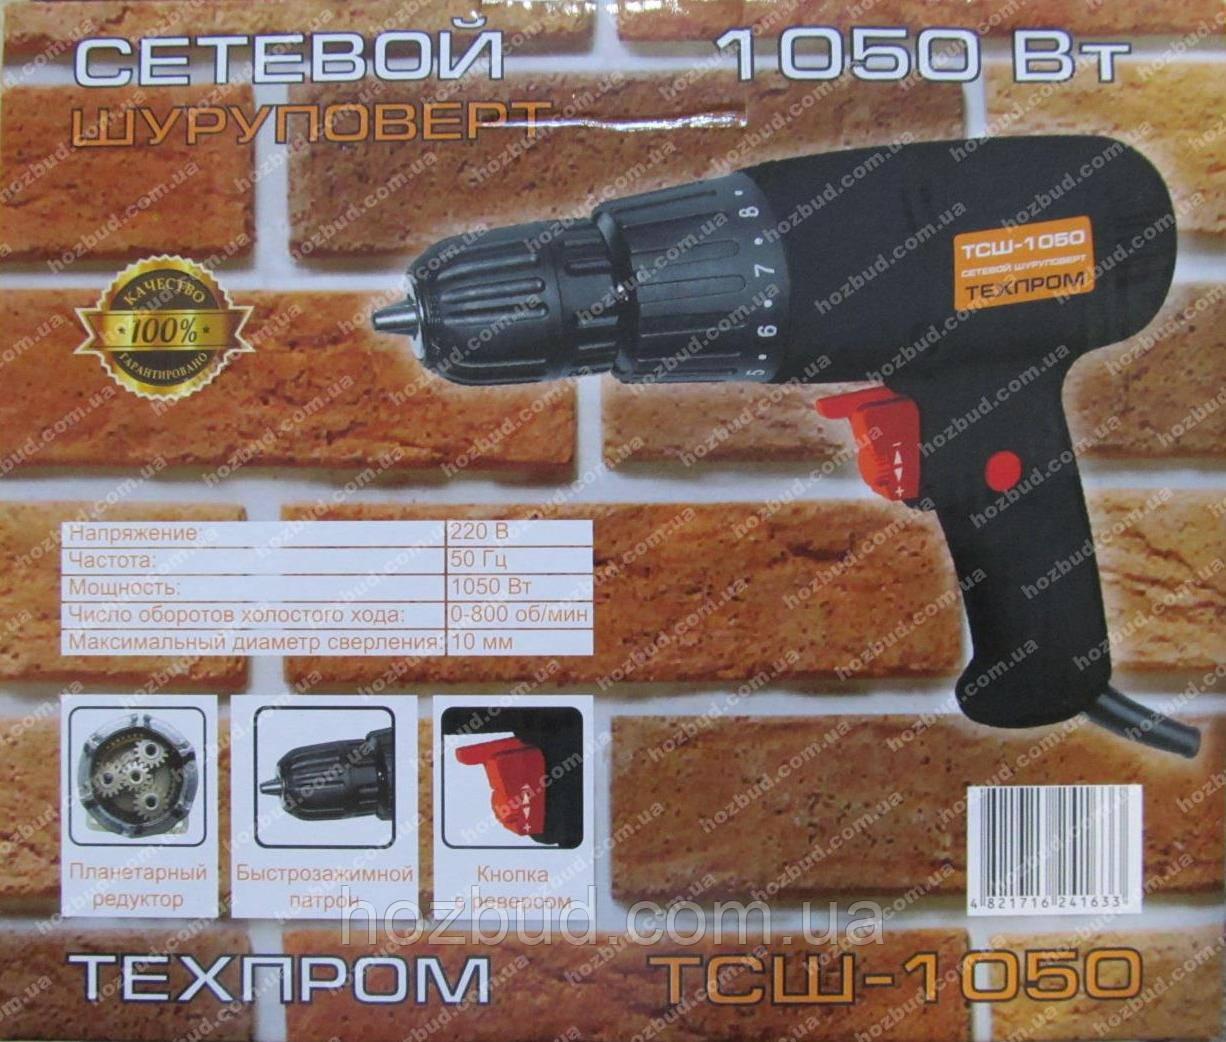 Мережевий шуруповерт Техпром ТСШ-1050